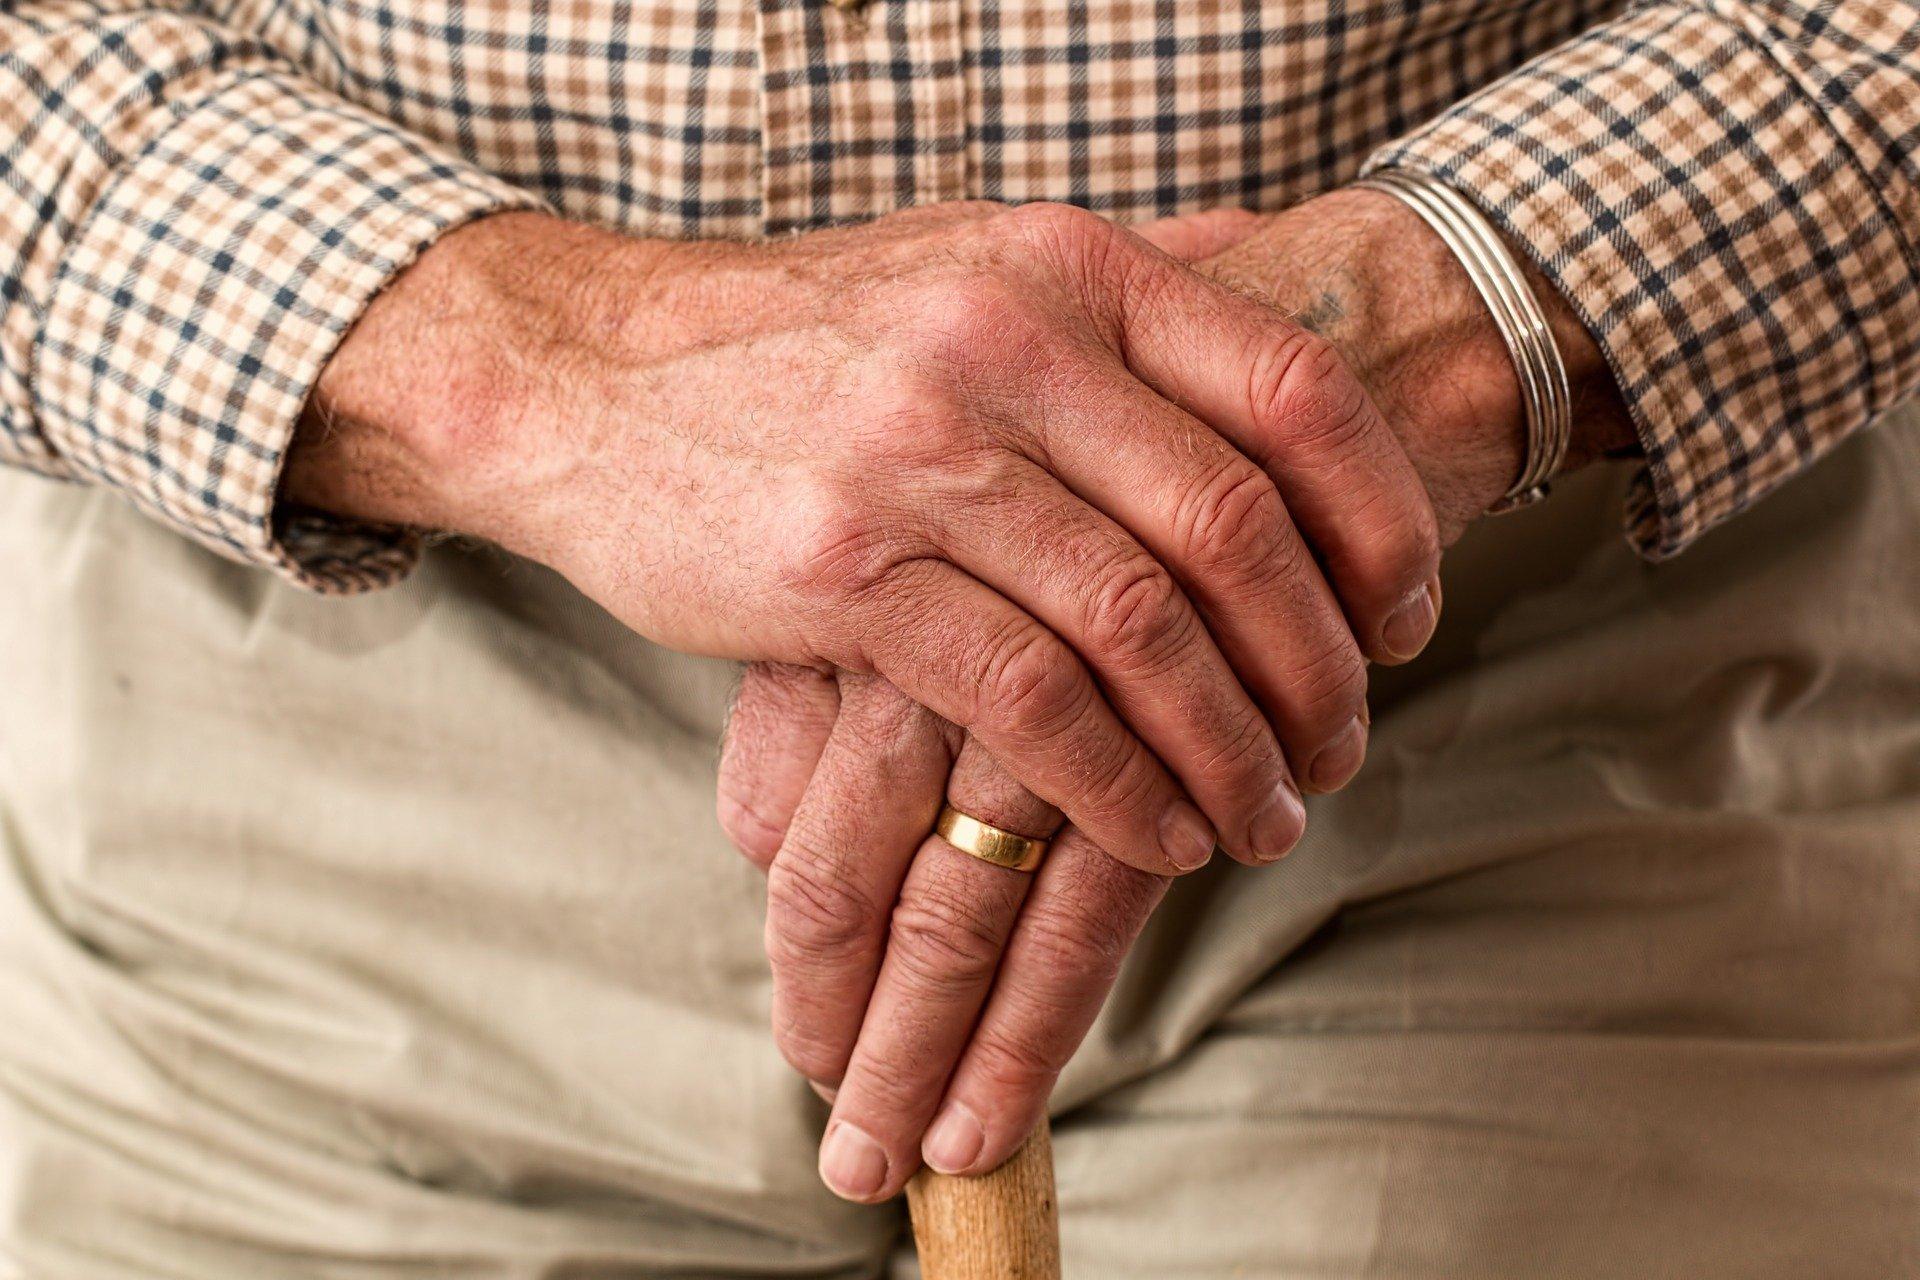 Ouderenorganisatie ANBO: stel verpleeghuizen weer volledig open